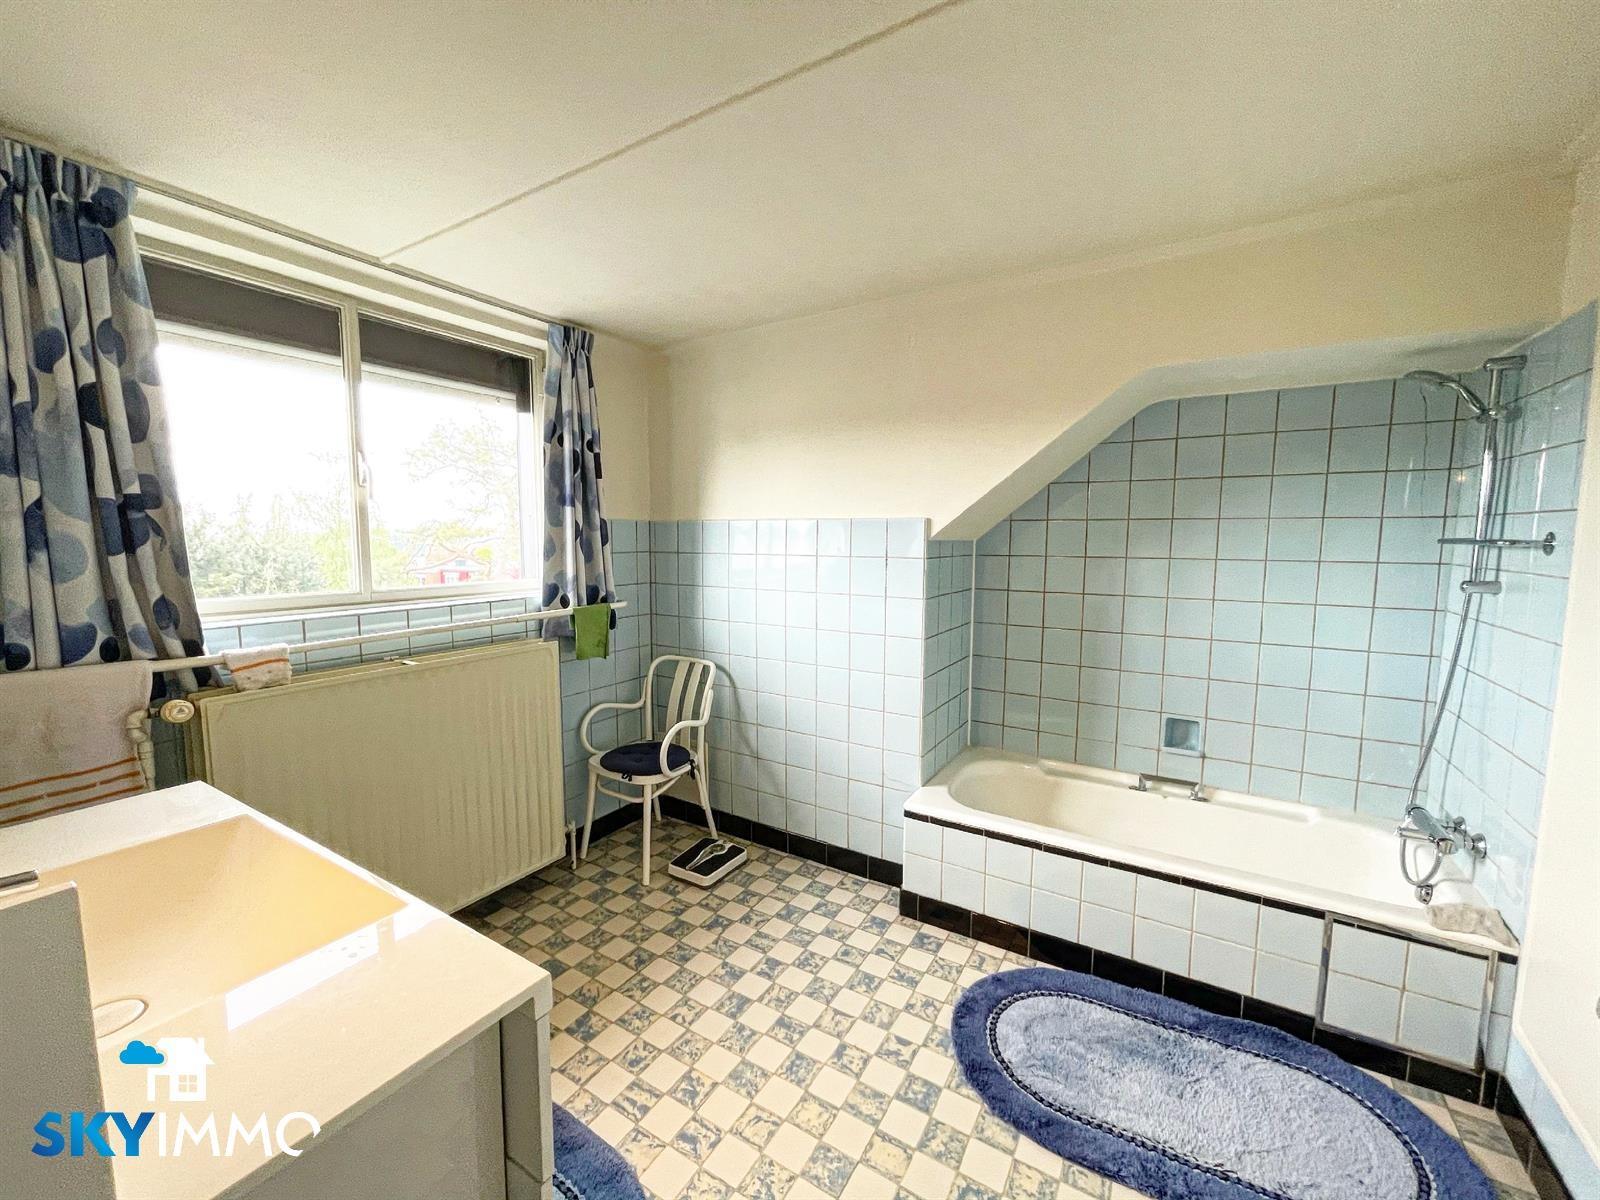 Maison - Liege - #4350467-24